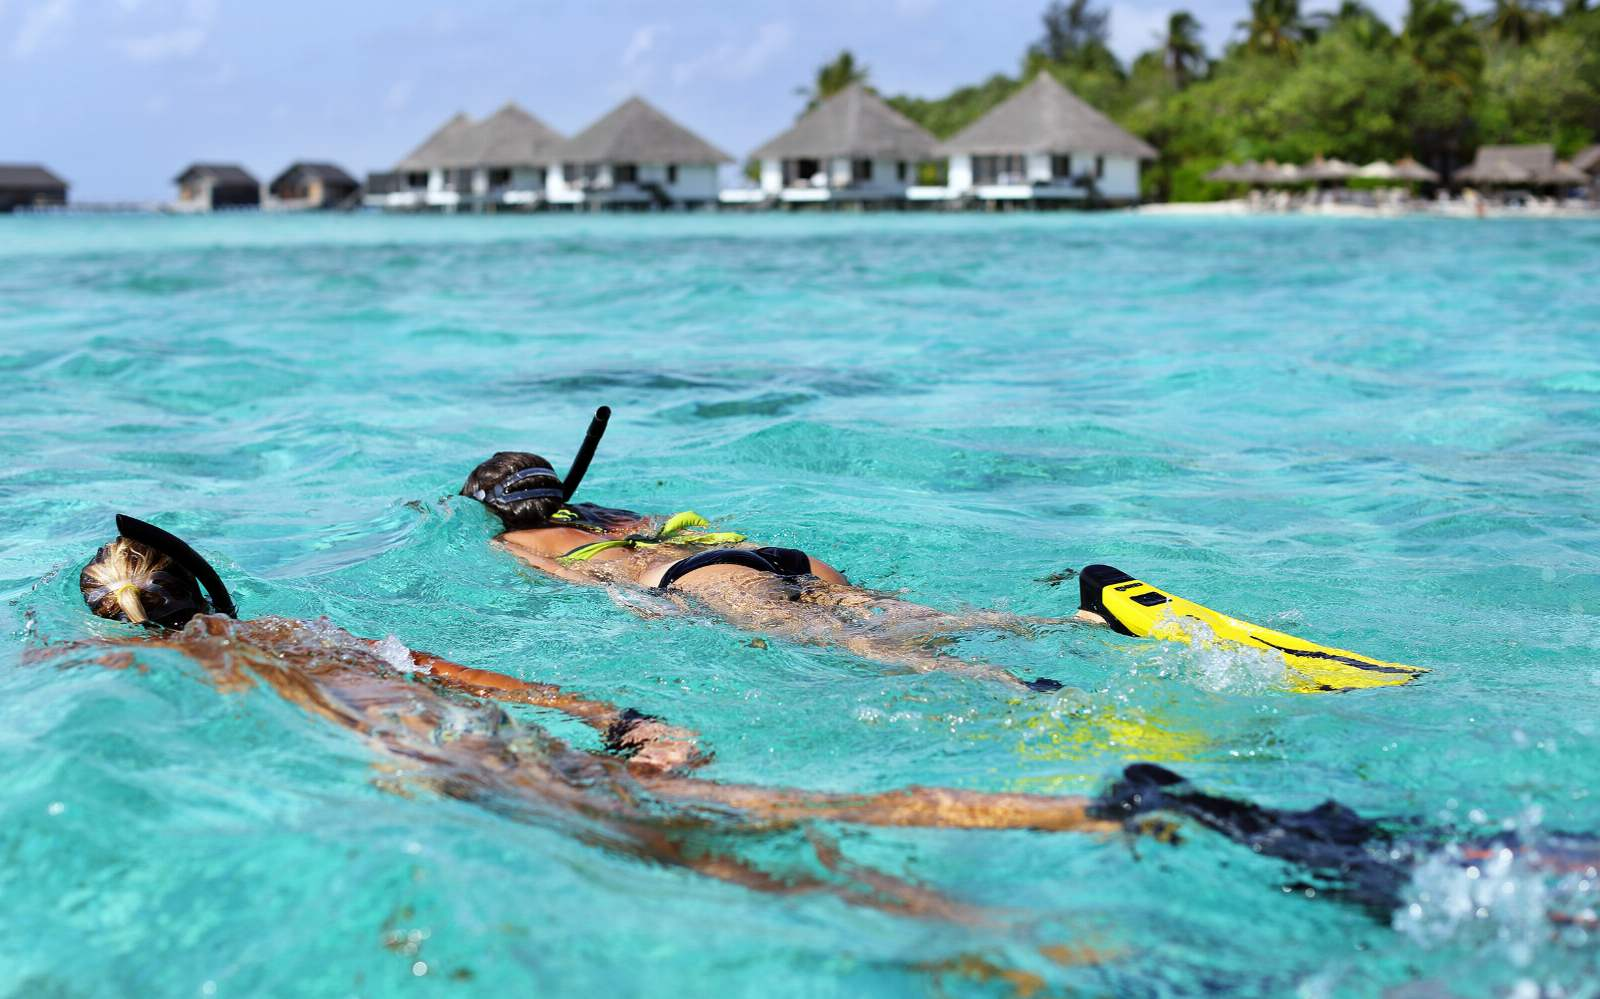 Snorkeling at Gangehi Resort